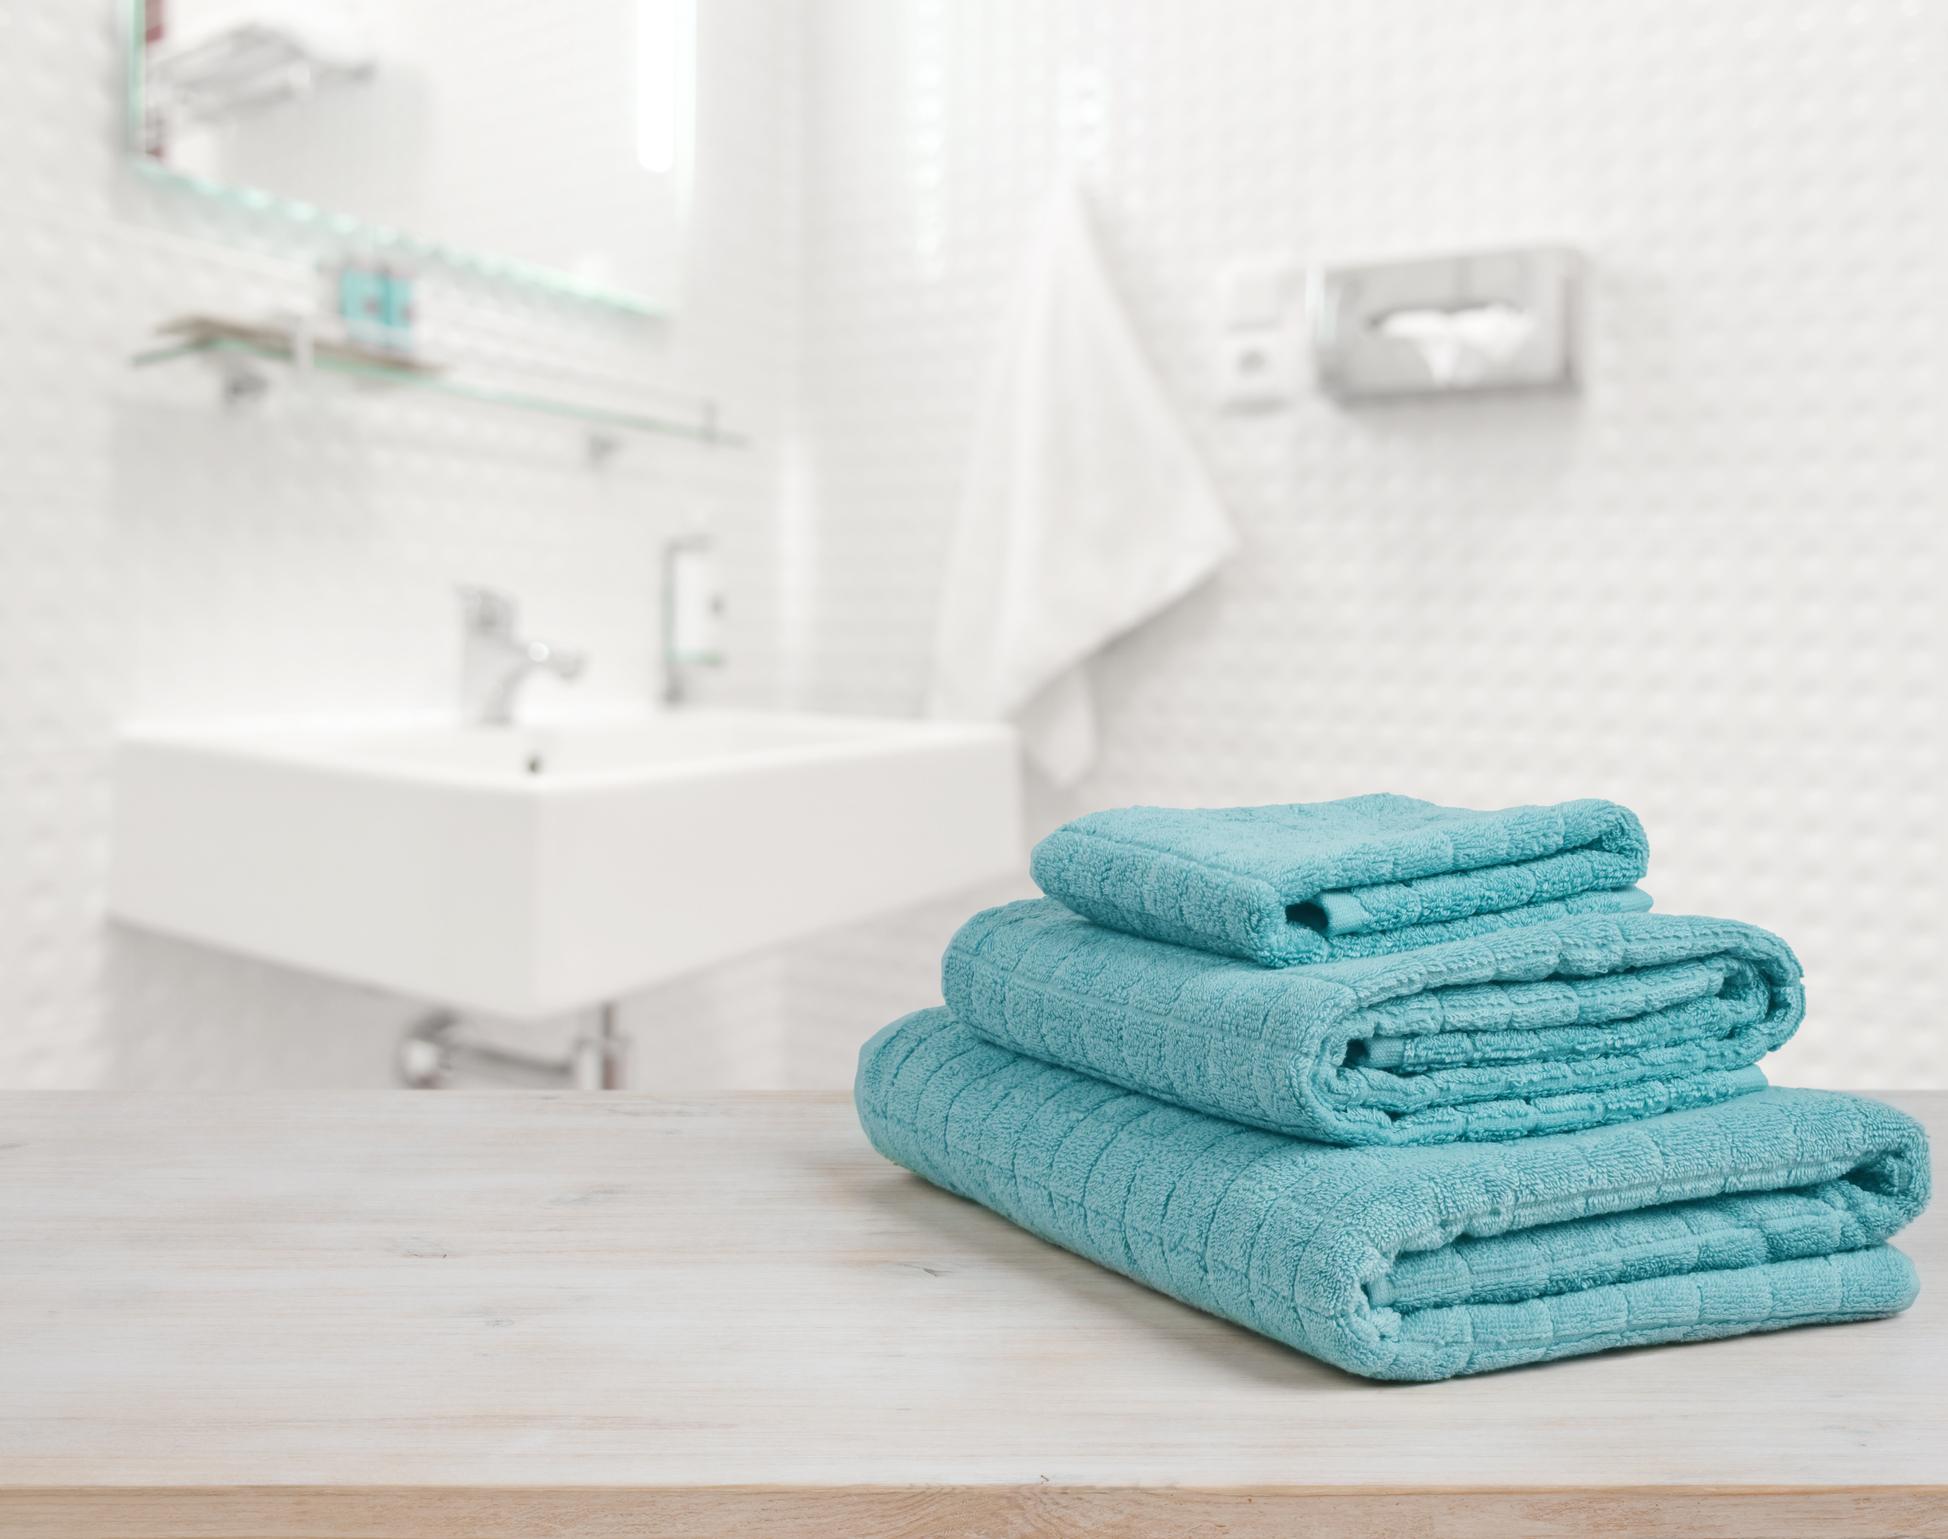 """Хавлиените кърпи в банята - сменяйте ги един път седмично. Влагата подпомага за развитието на бактерии.Вашата собствена кърпа вероятно няма да ви навреди - повечето бактерии вероятно са безвредни за вашата кожа. Но ако споделяте кърпата с някой друг, тогава можеда се стигне до инфекции или акне, заявява пред """"Бизнес Индидер"""" микробиологът д-р Филип Тирно."""